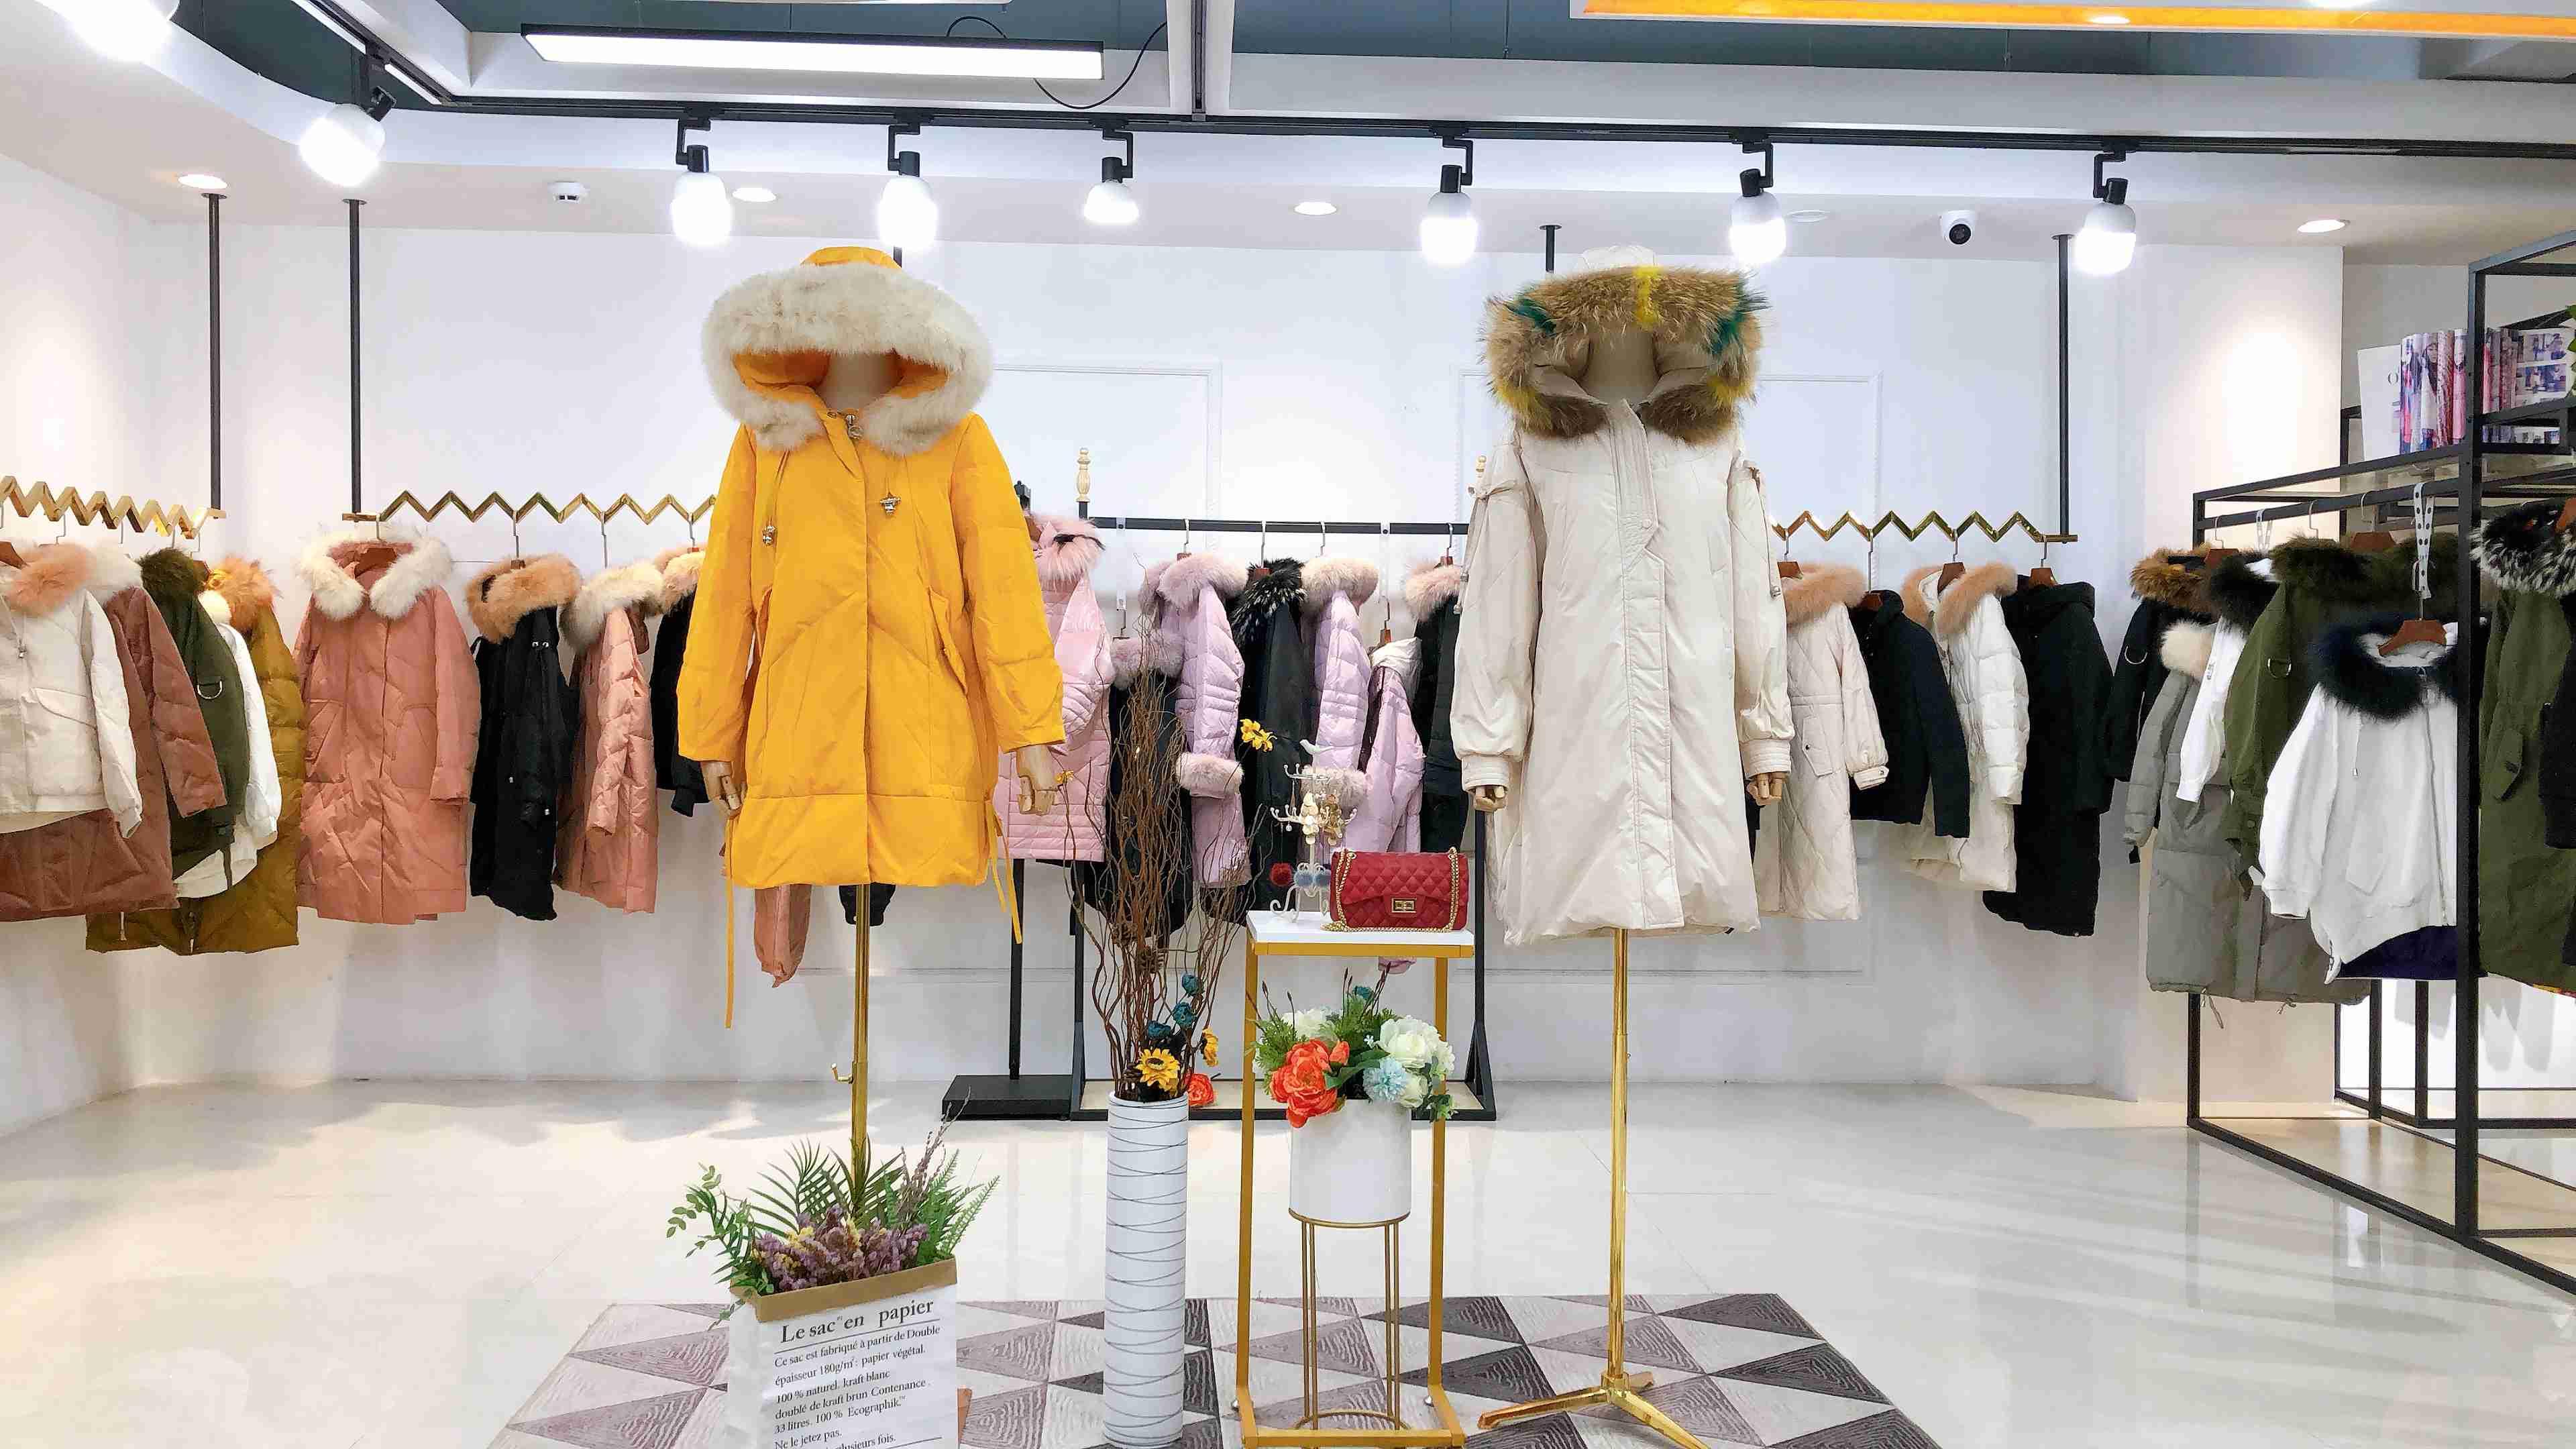 時尚女裝新款品牌可絲迪羽絨服19冬裝品牌折扣一手庫存批發